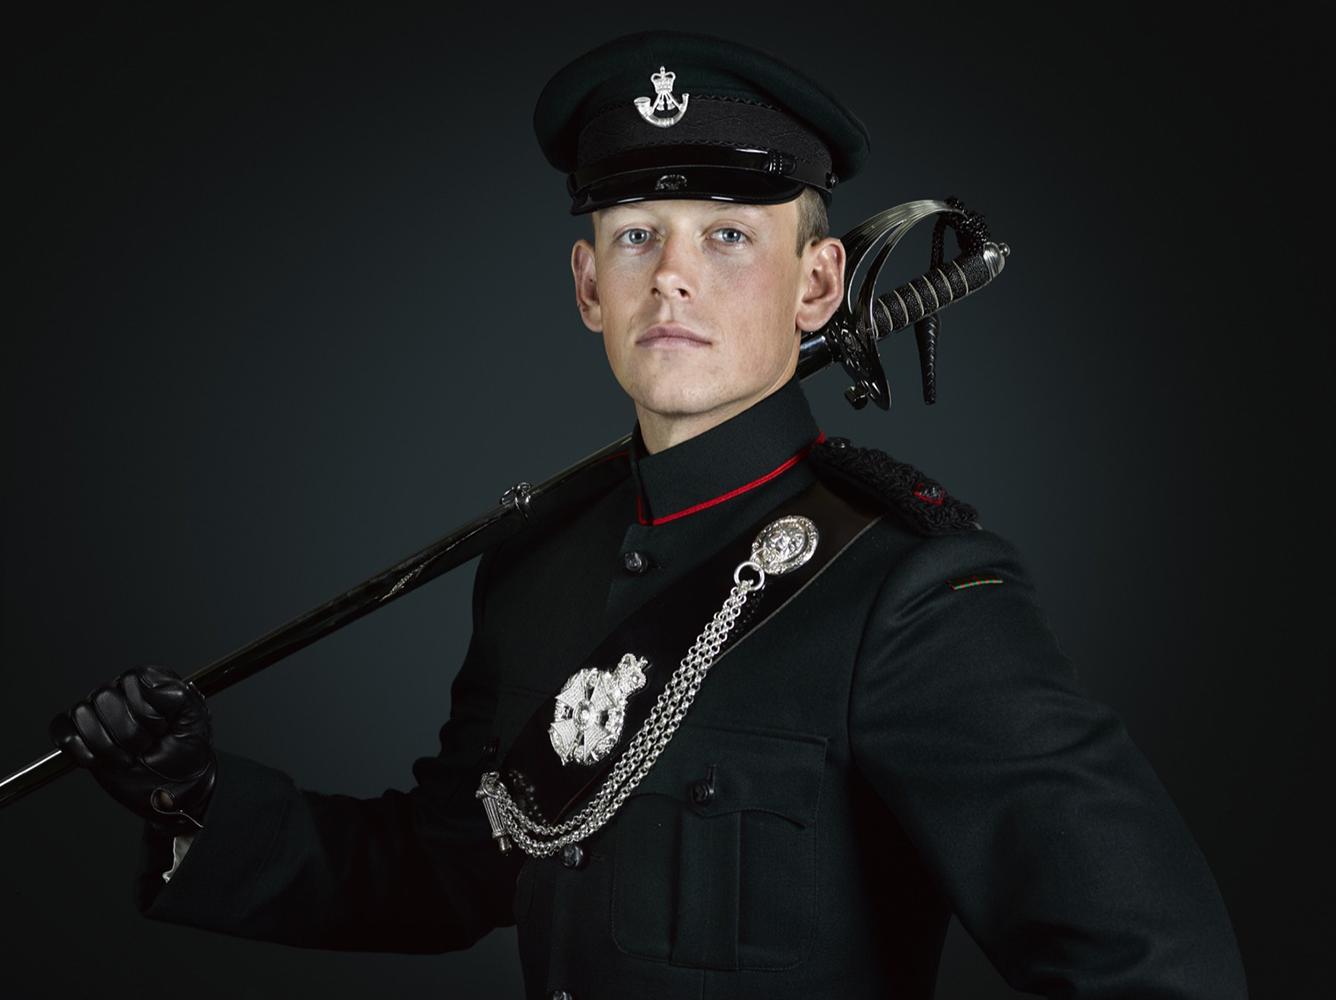 Lieutenant Baldwin 1st Battalion The Rifles (Rory Lewis Photographer 2018) Military Portrait Photographer (London)